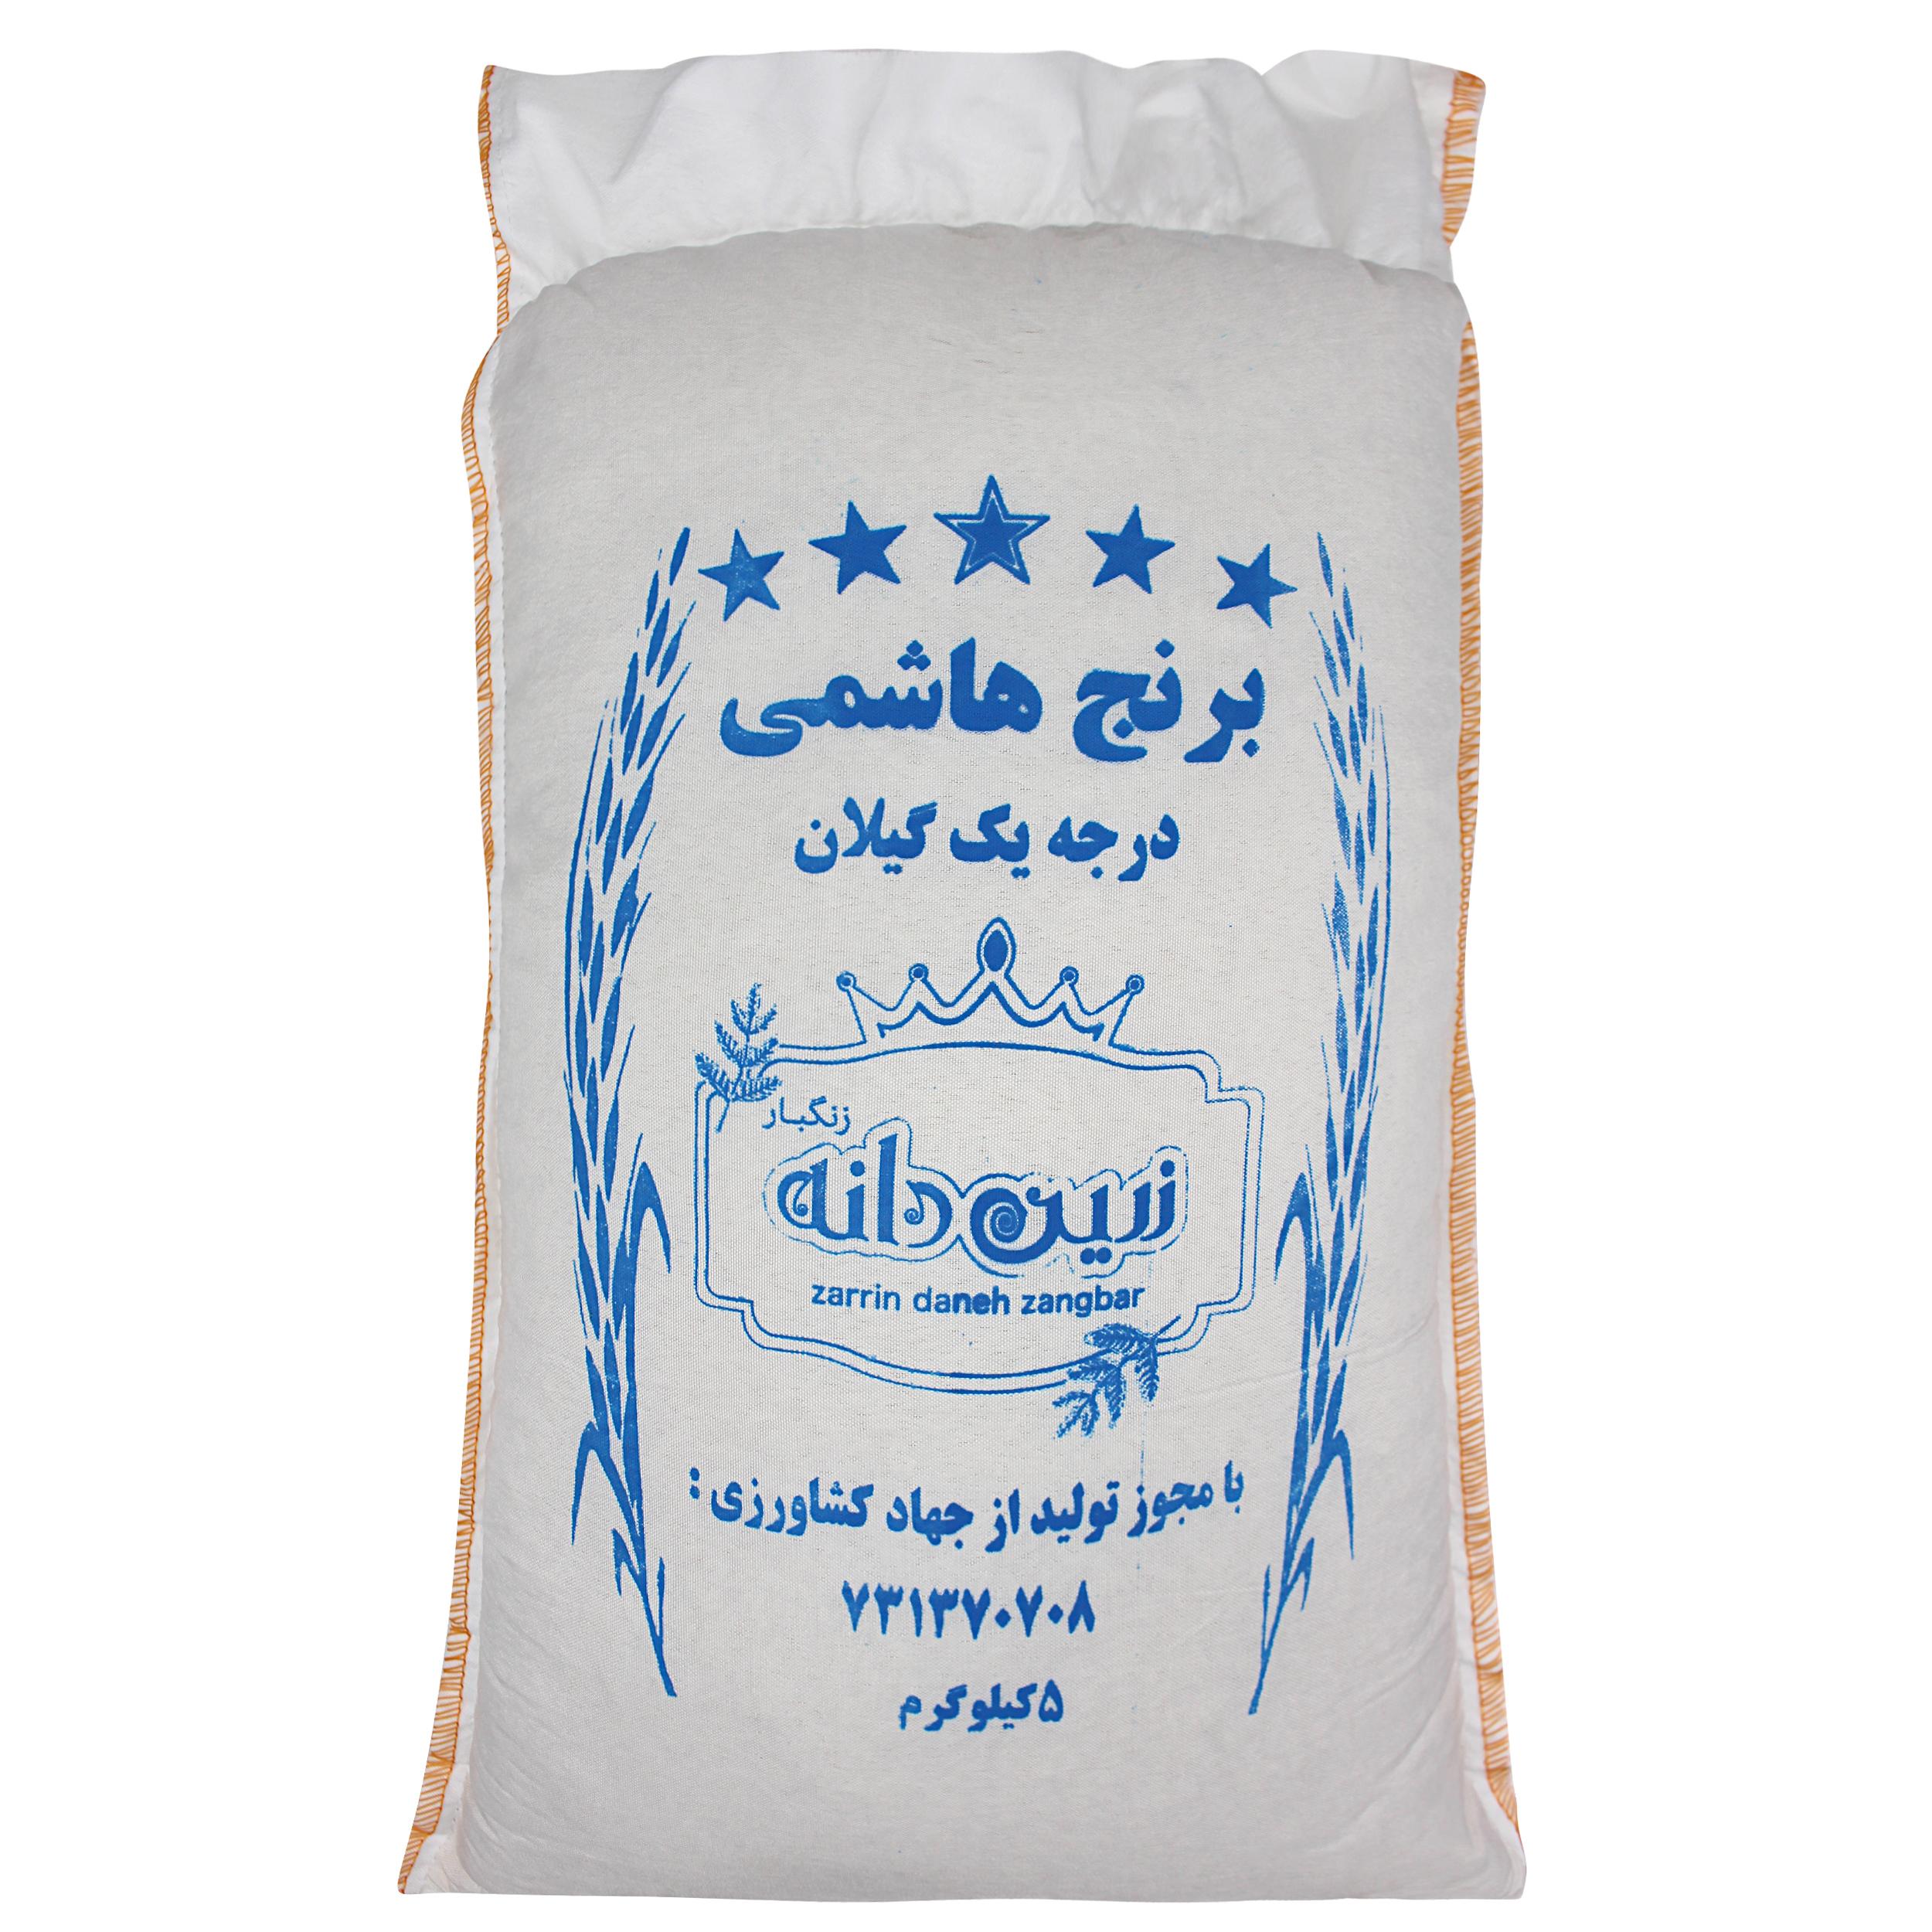 برنج هاشمی درجه یک زرین دانه زنگبار - 5 کیلوگرم